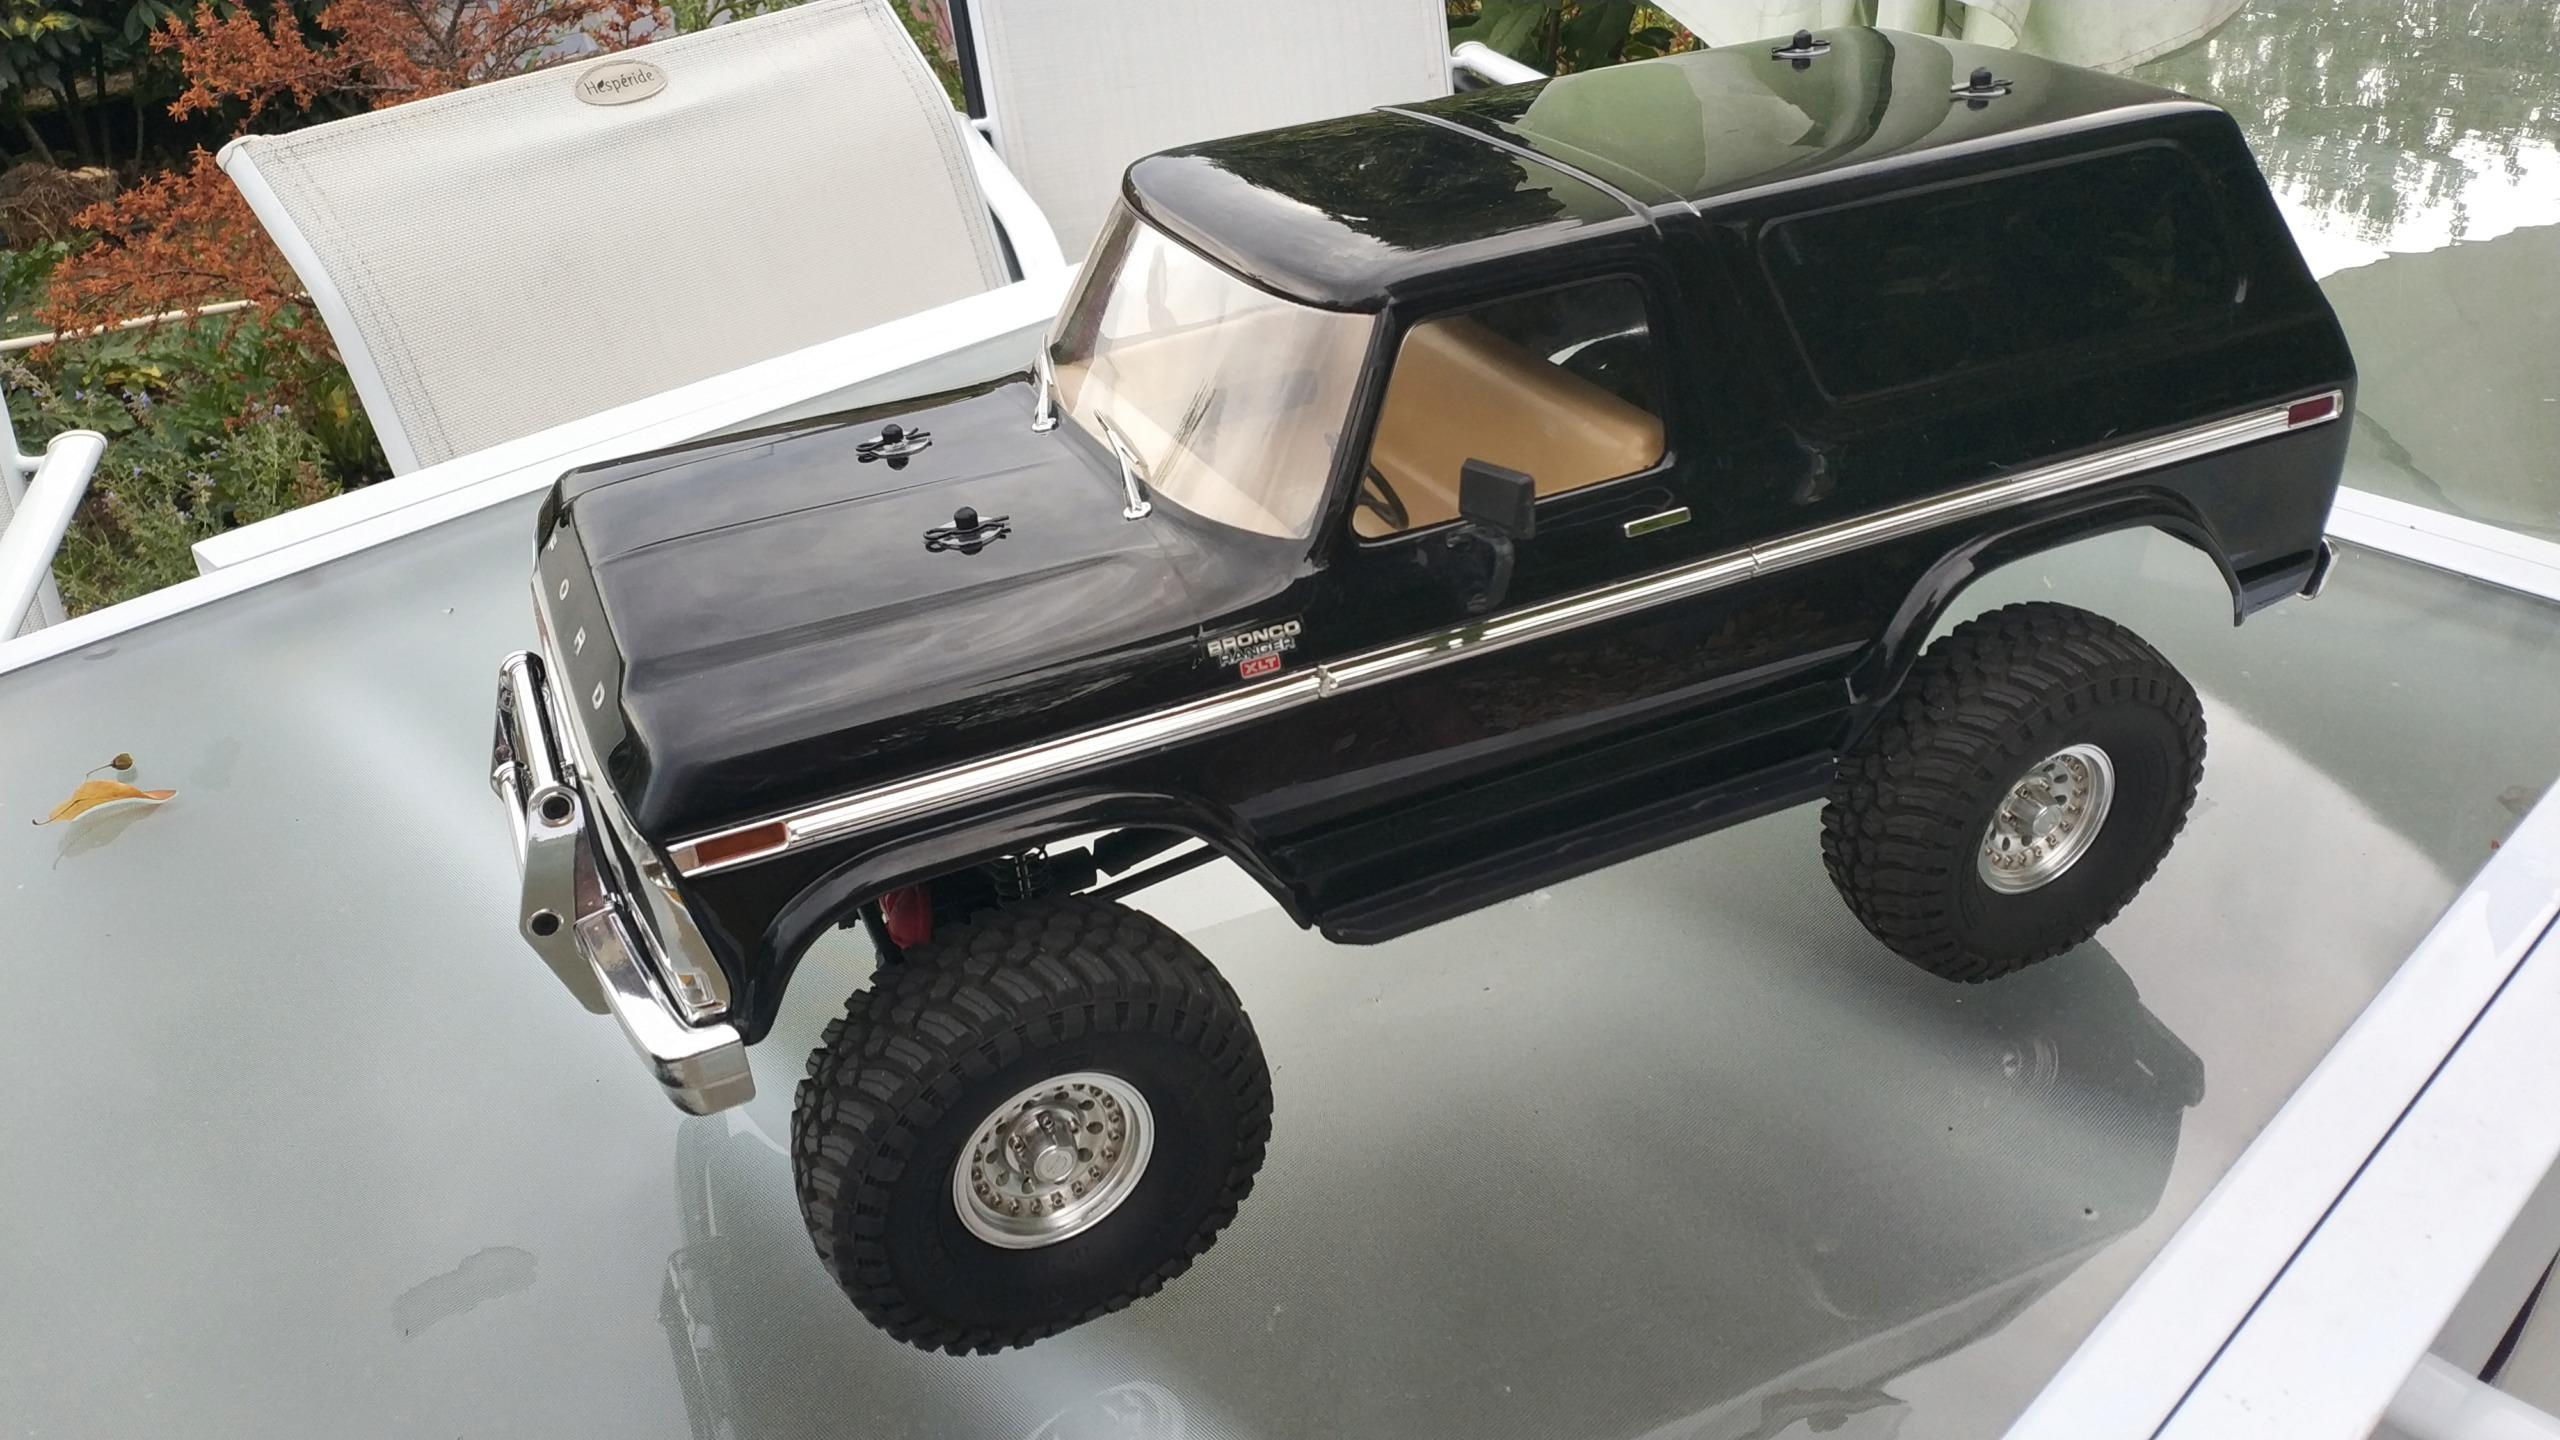 Le TRX4 Bronco du seigneur...  :-) Img_2366